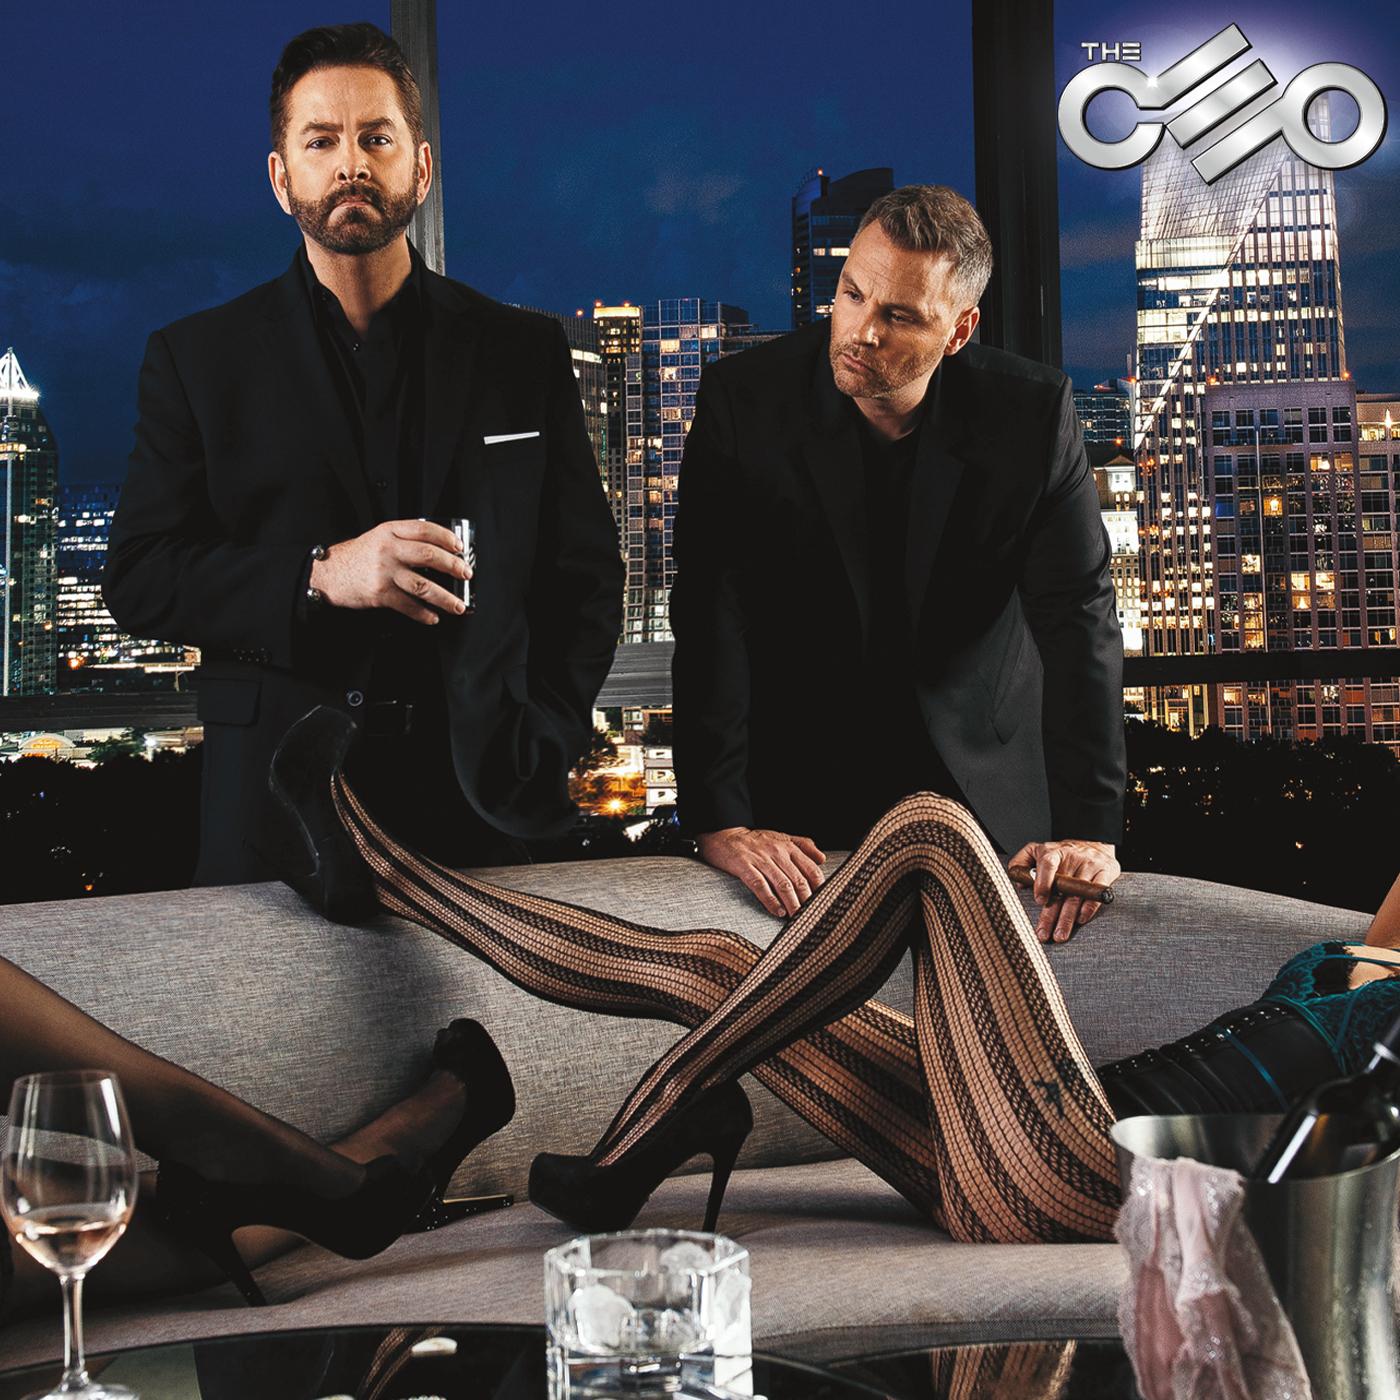 the-ceo-same-album-review